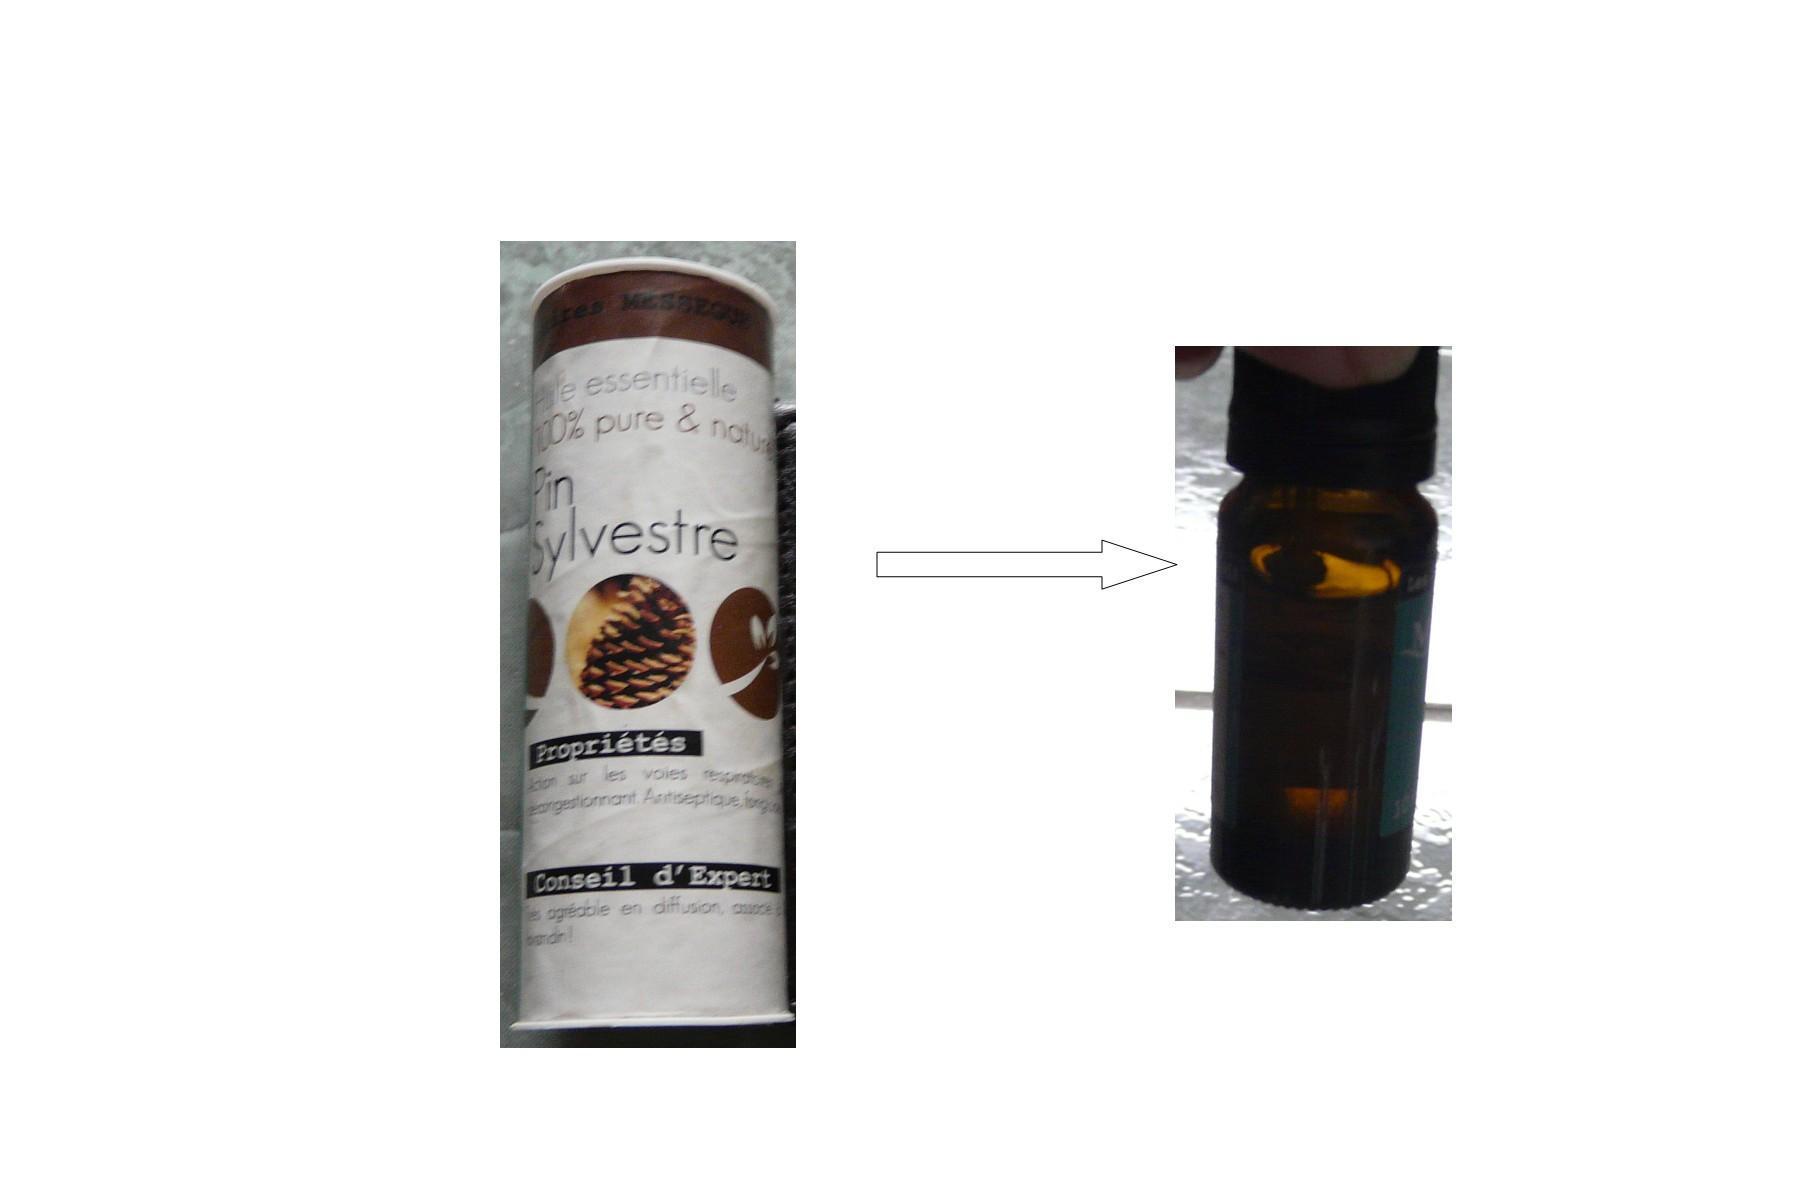 troc de troc huile essentielle pin sylvestre pour diffuseur image 0